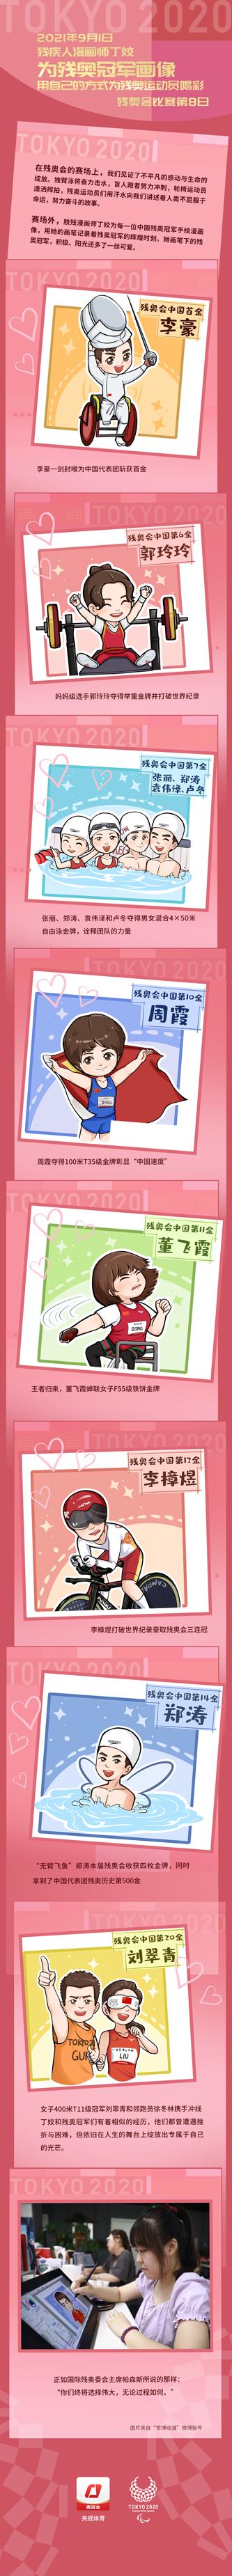 残奥会第八比赛日:残疾人漫画师丁姣为残奥冠军们画像,太可爱了!